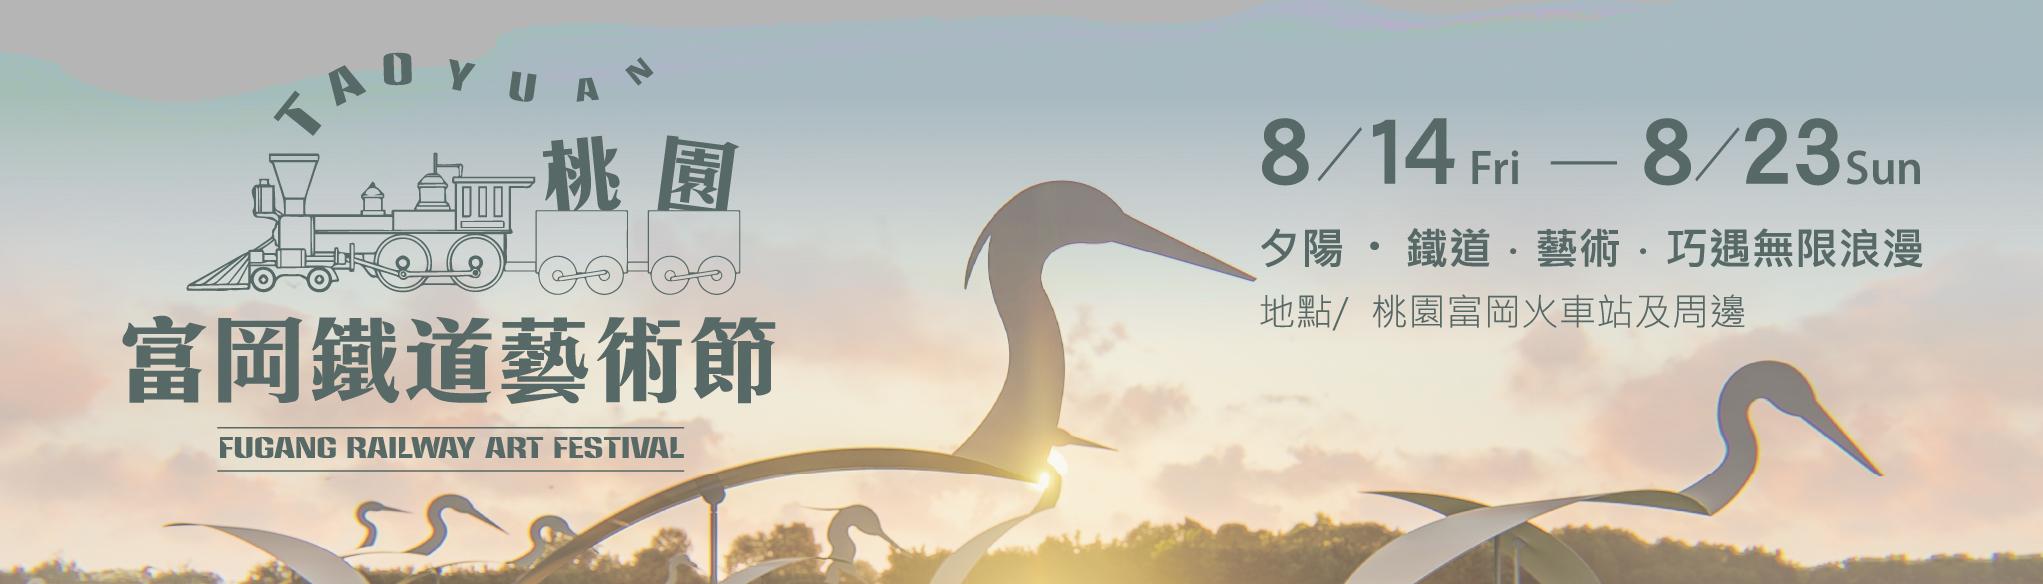 2020富岡鐵道藝術節